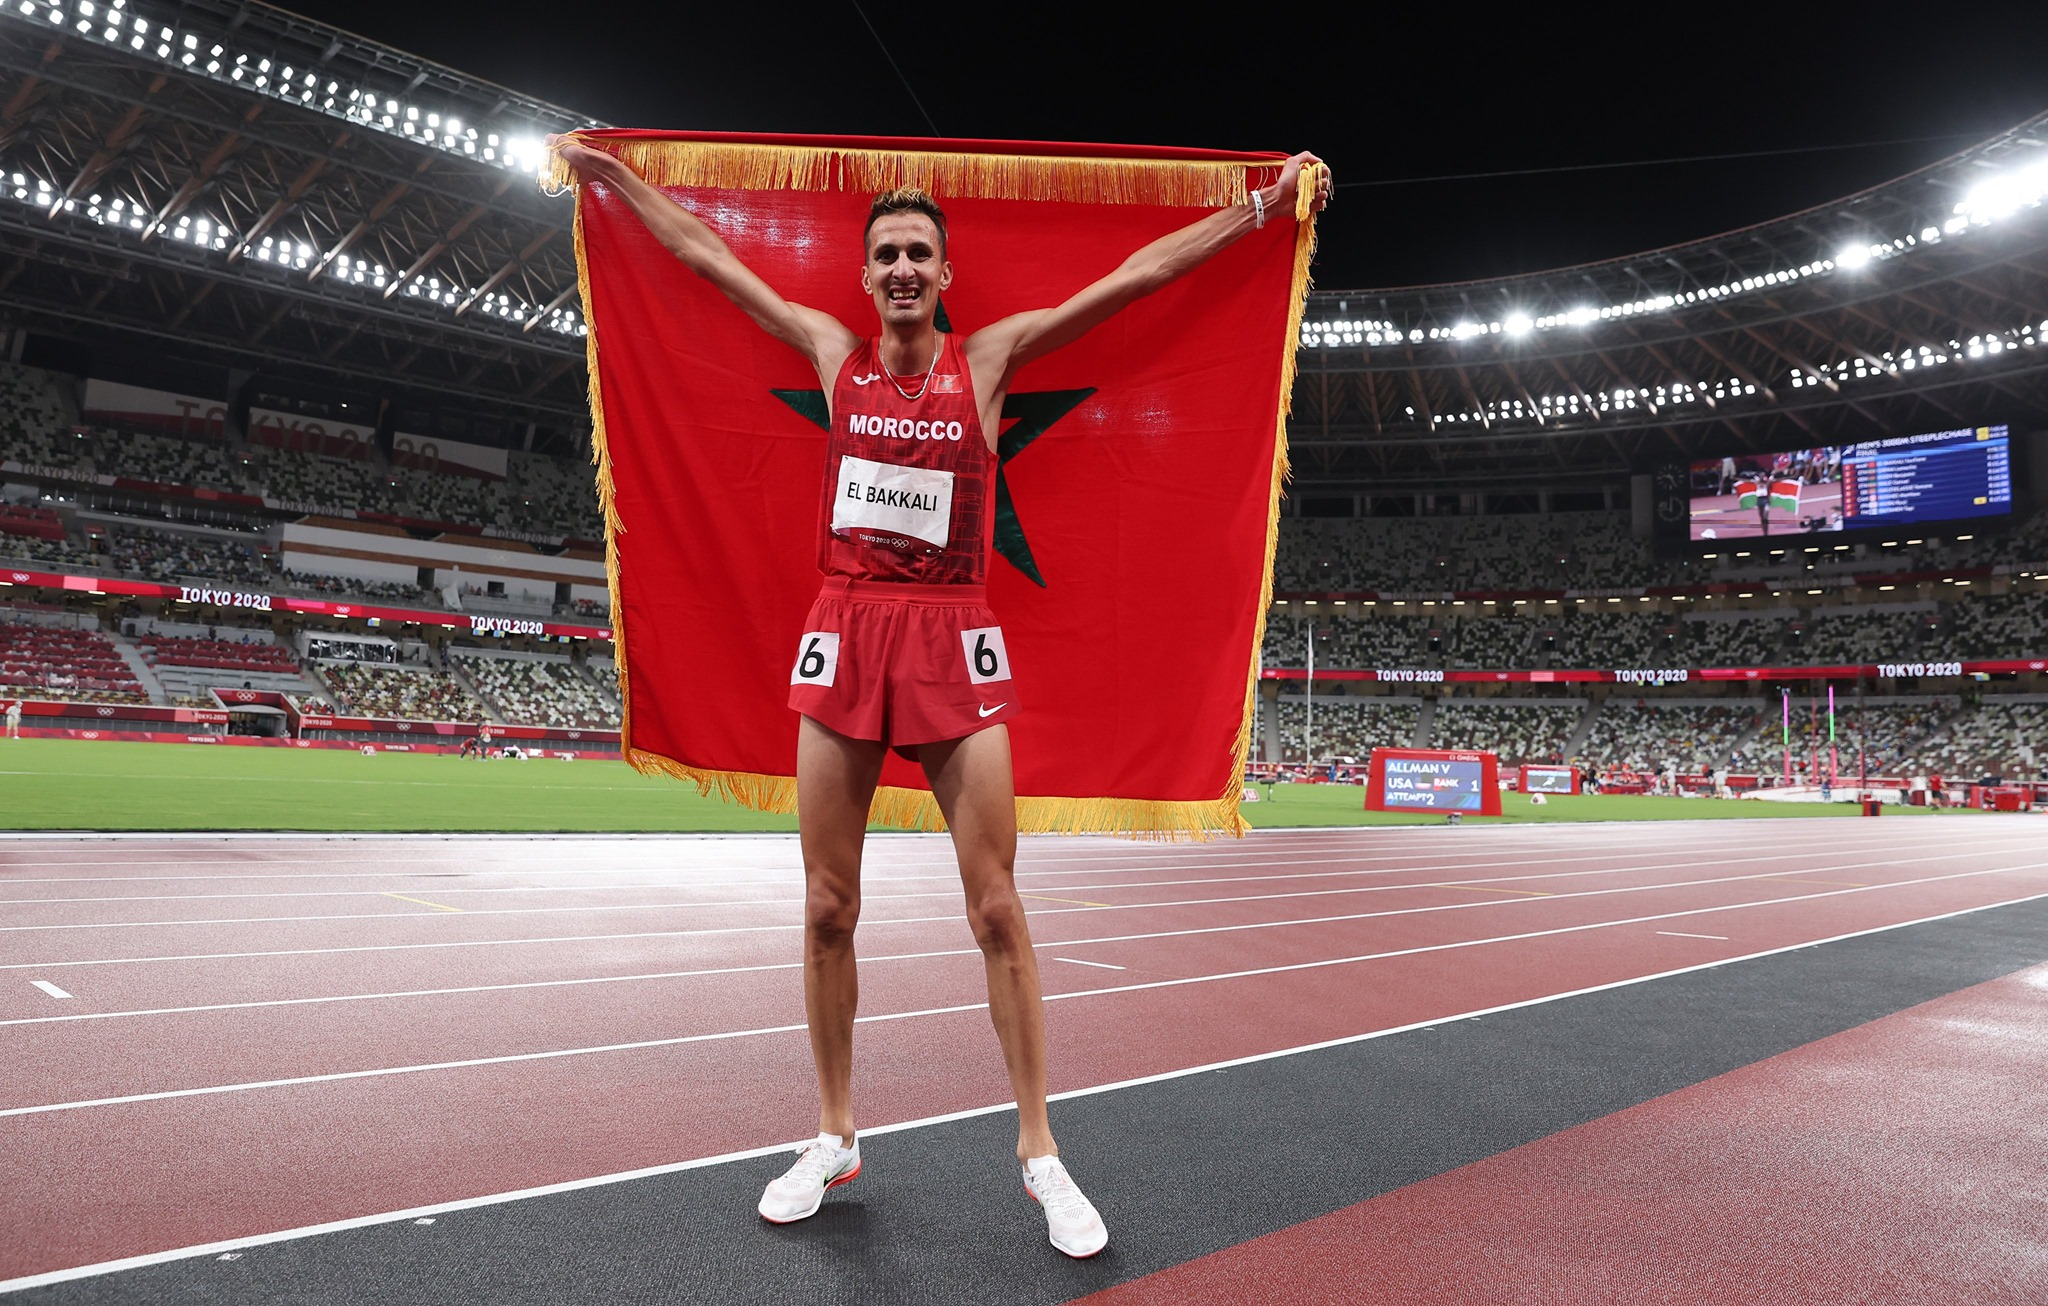 Tokyo 2020: Moroccan Soufiane El Bakkali Wins Gold in Olympic 3000m Steeplechase